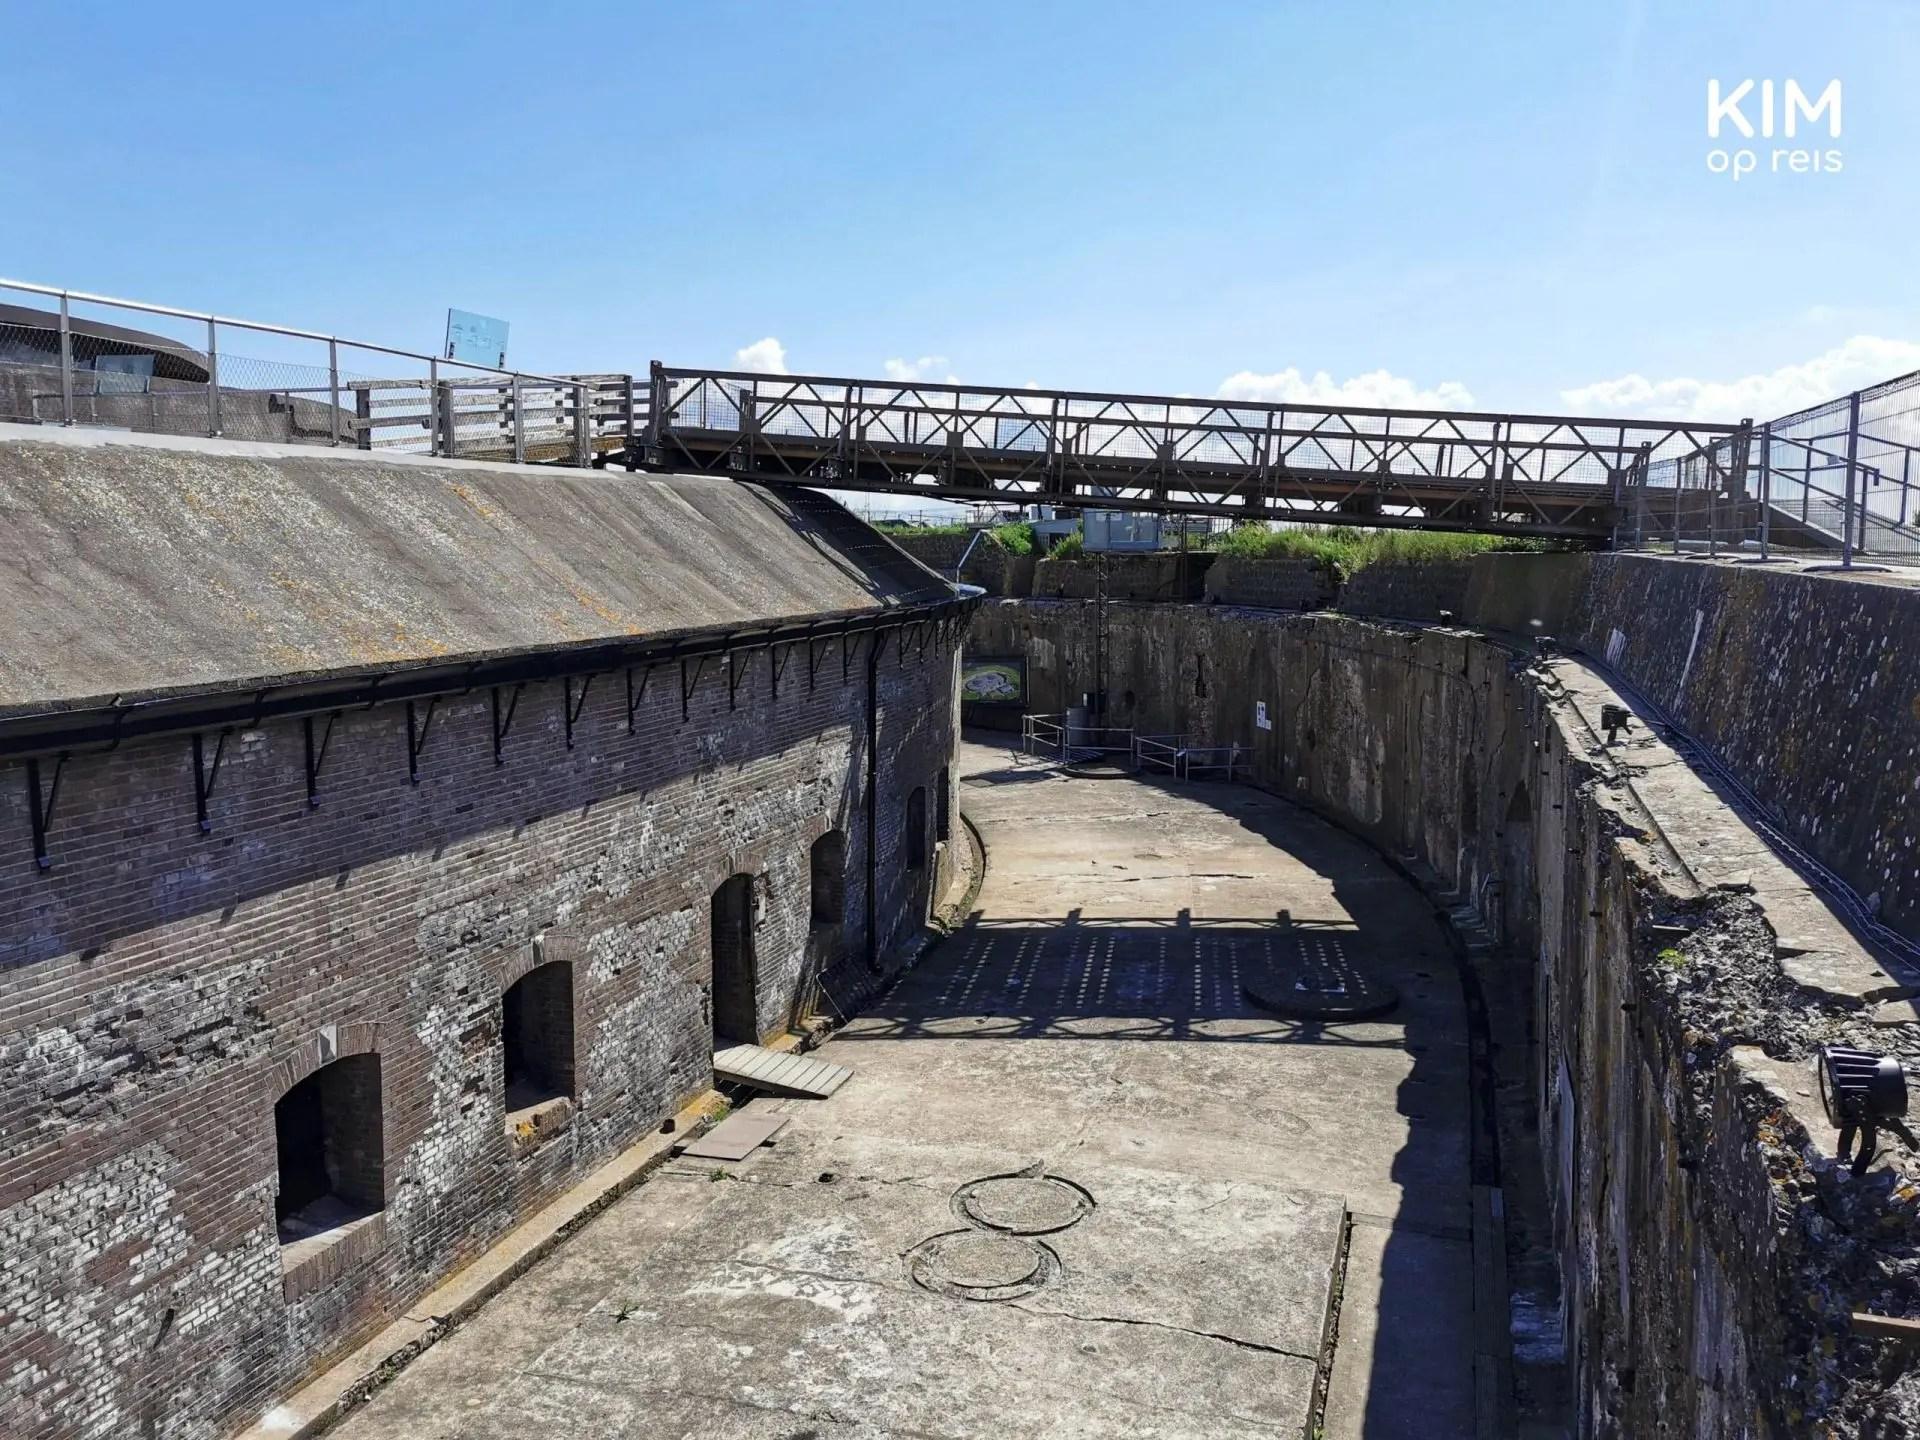 Forteiland Pampus bezoeken: het fort gezien vanaf een verhoging. Je kijkt op de brede wandelgang en een trap